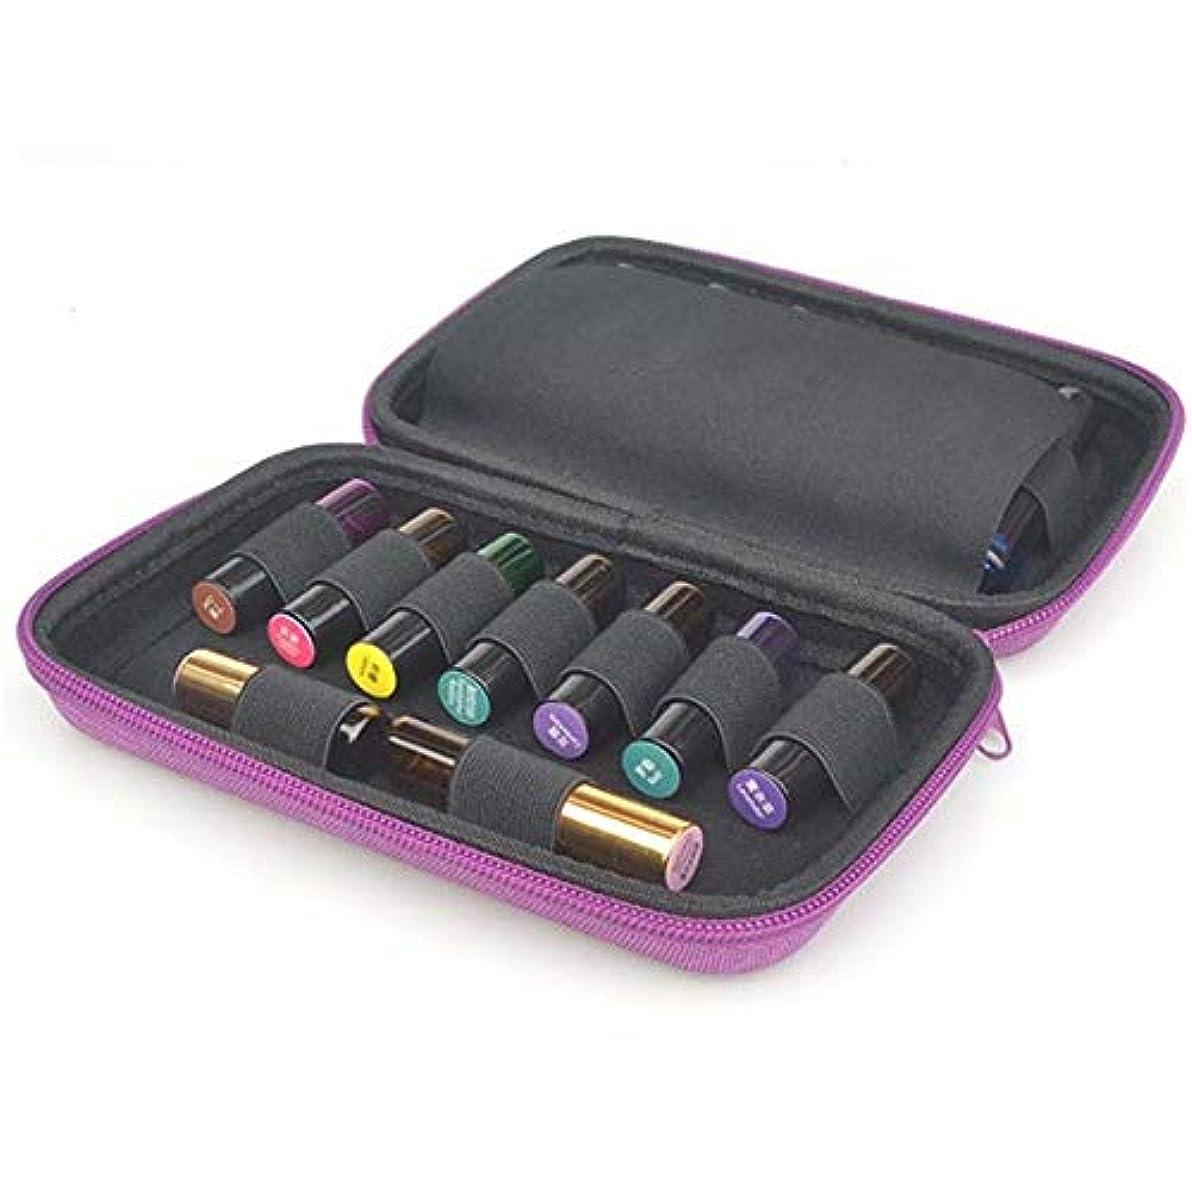 参照遠え違反エッセンシャルオイルストレージボックス ローラーと標準のボトル5?10ミリリットル紫の場合は最大15本のボトルパーフェクトのためのケースプレミアムハードシェル保護キャリングエッセンシャルオイル 旅行およびプレゼンテーション用 (色 : 紫の, サイズ : 20X13X4.5CM)